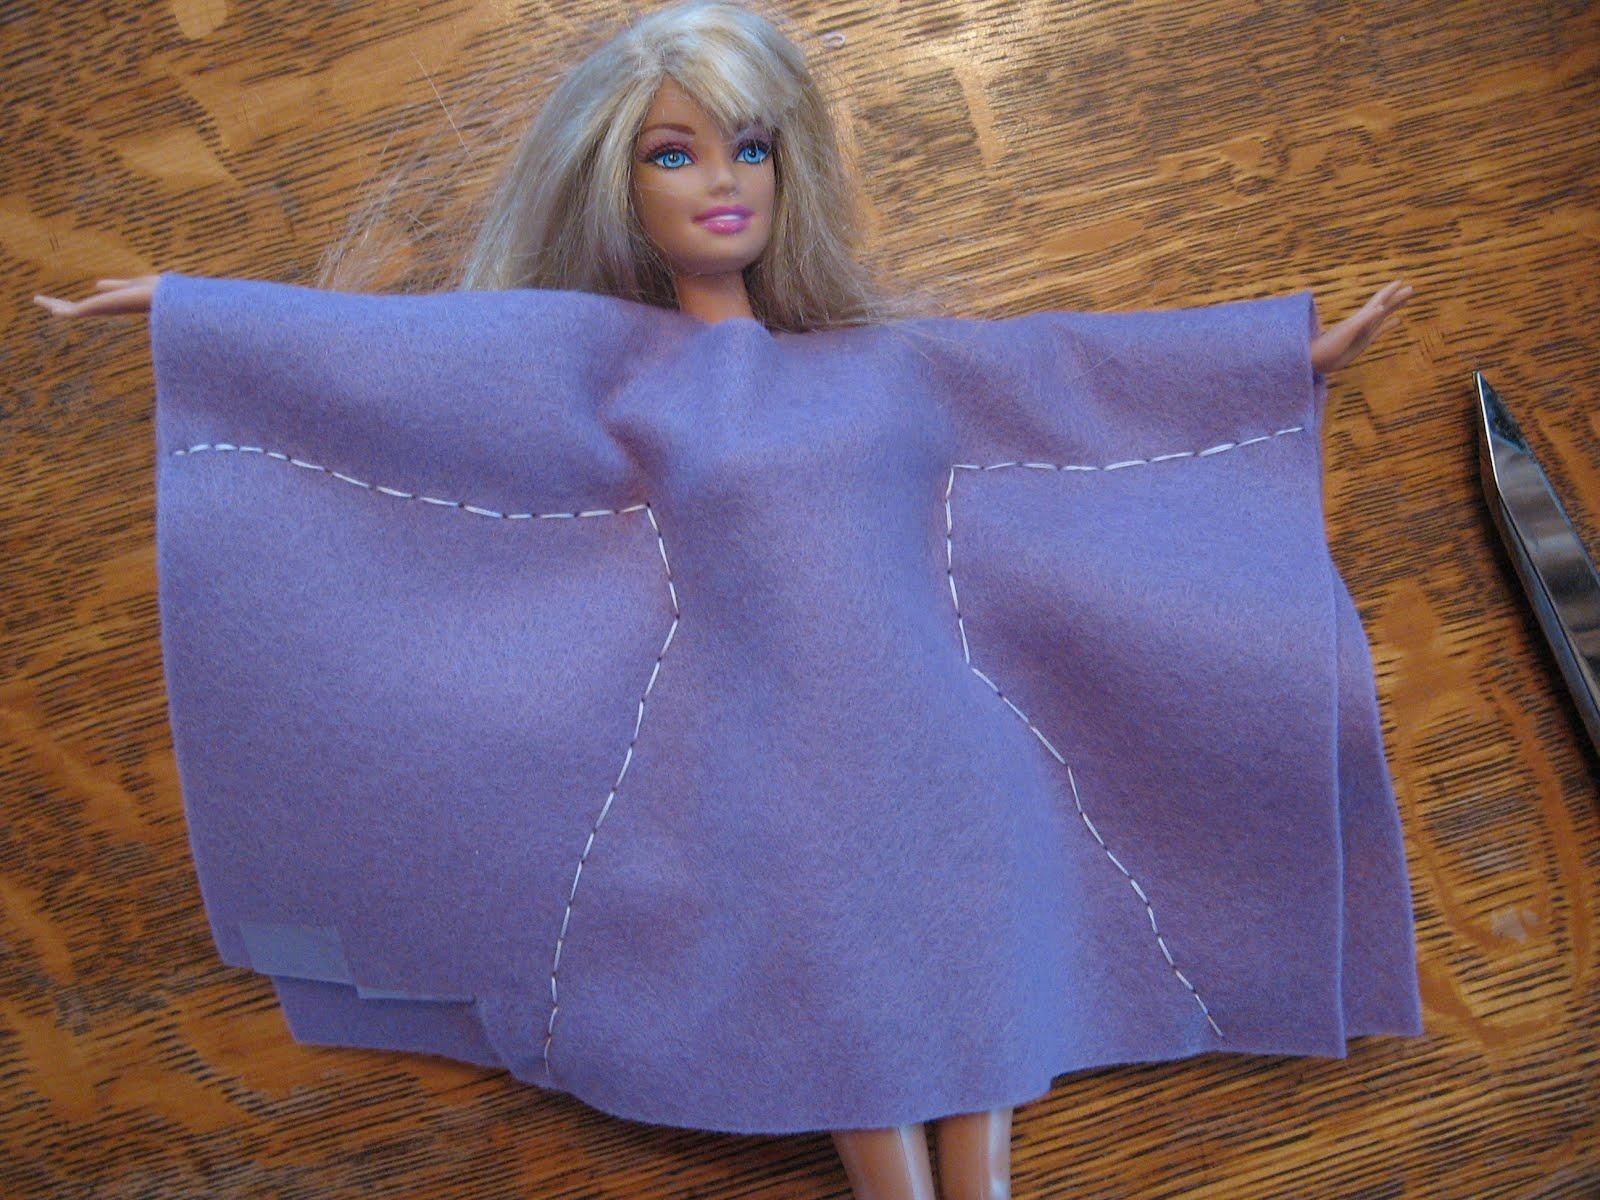 Как сделать кукле платье своими руками для барби